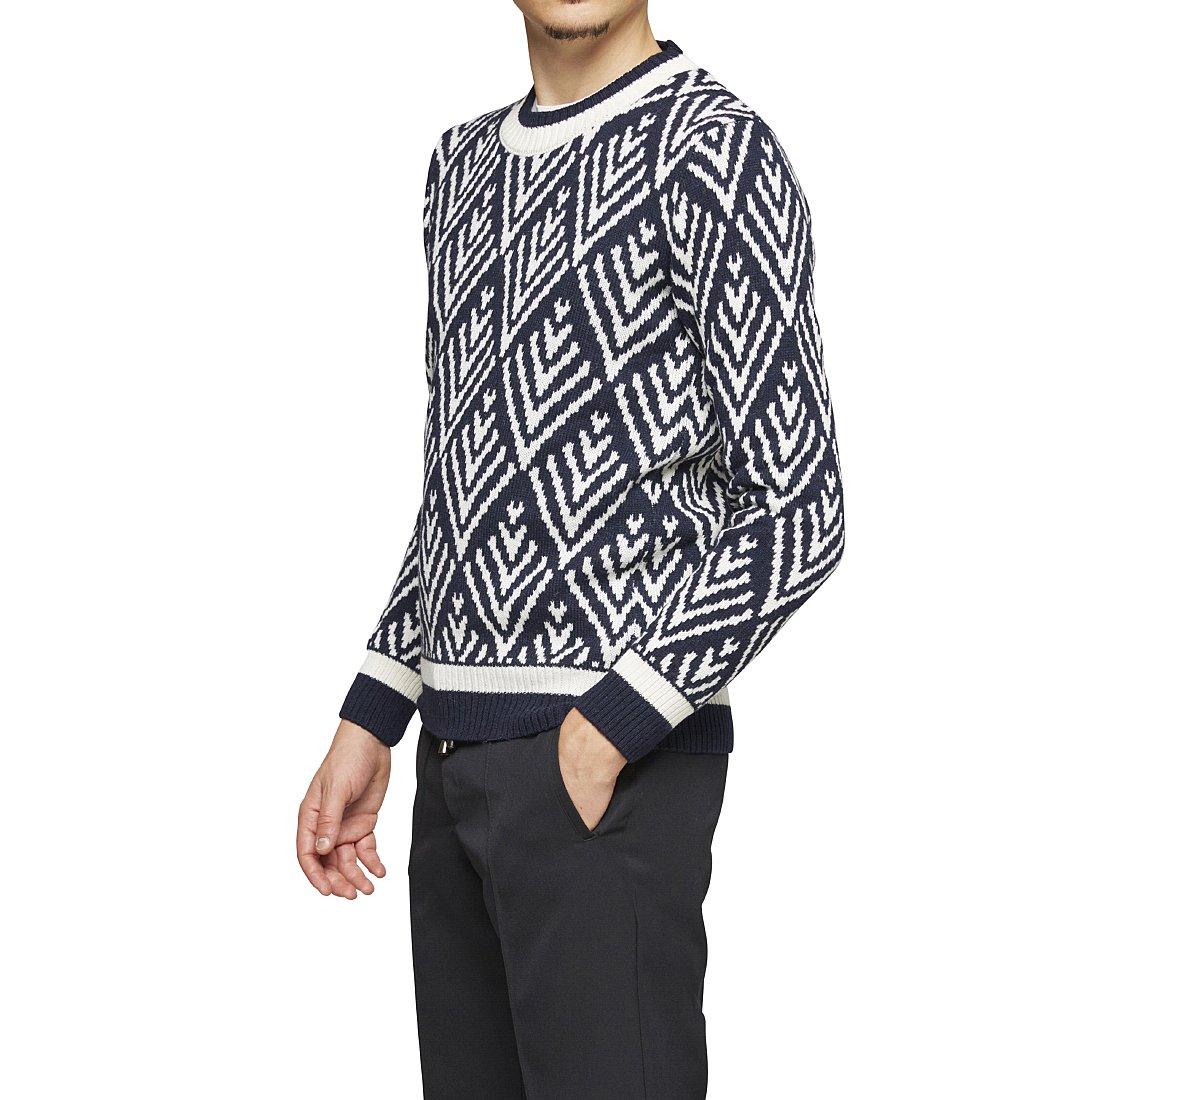 Pullover stile etnico in tessuto